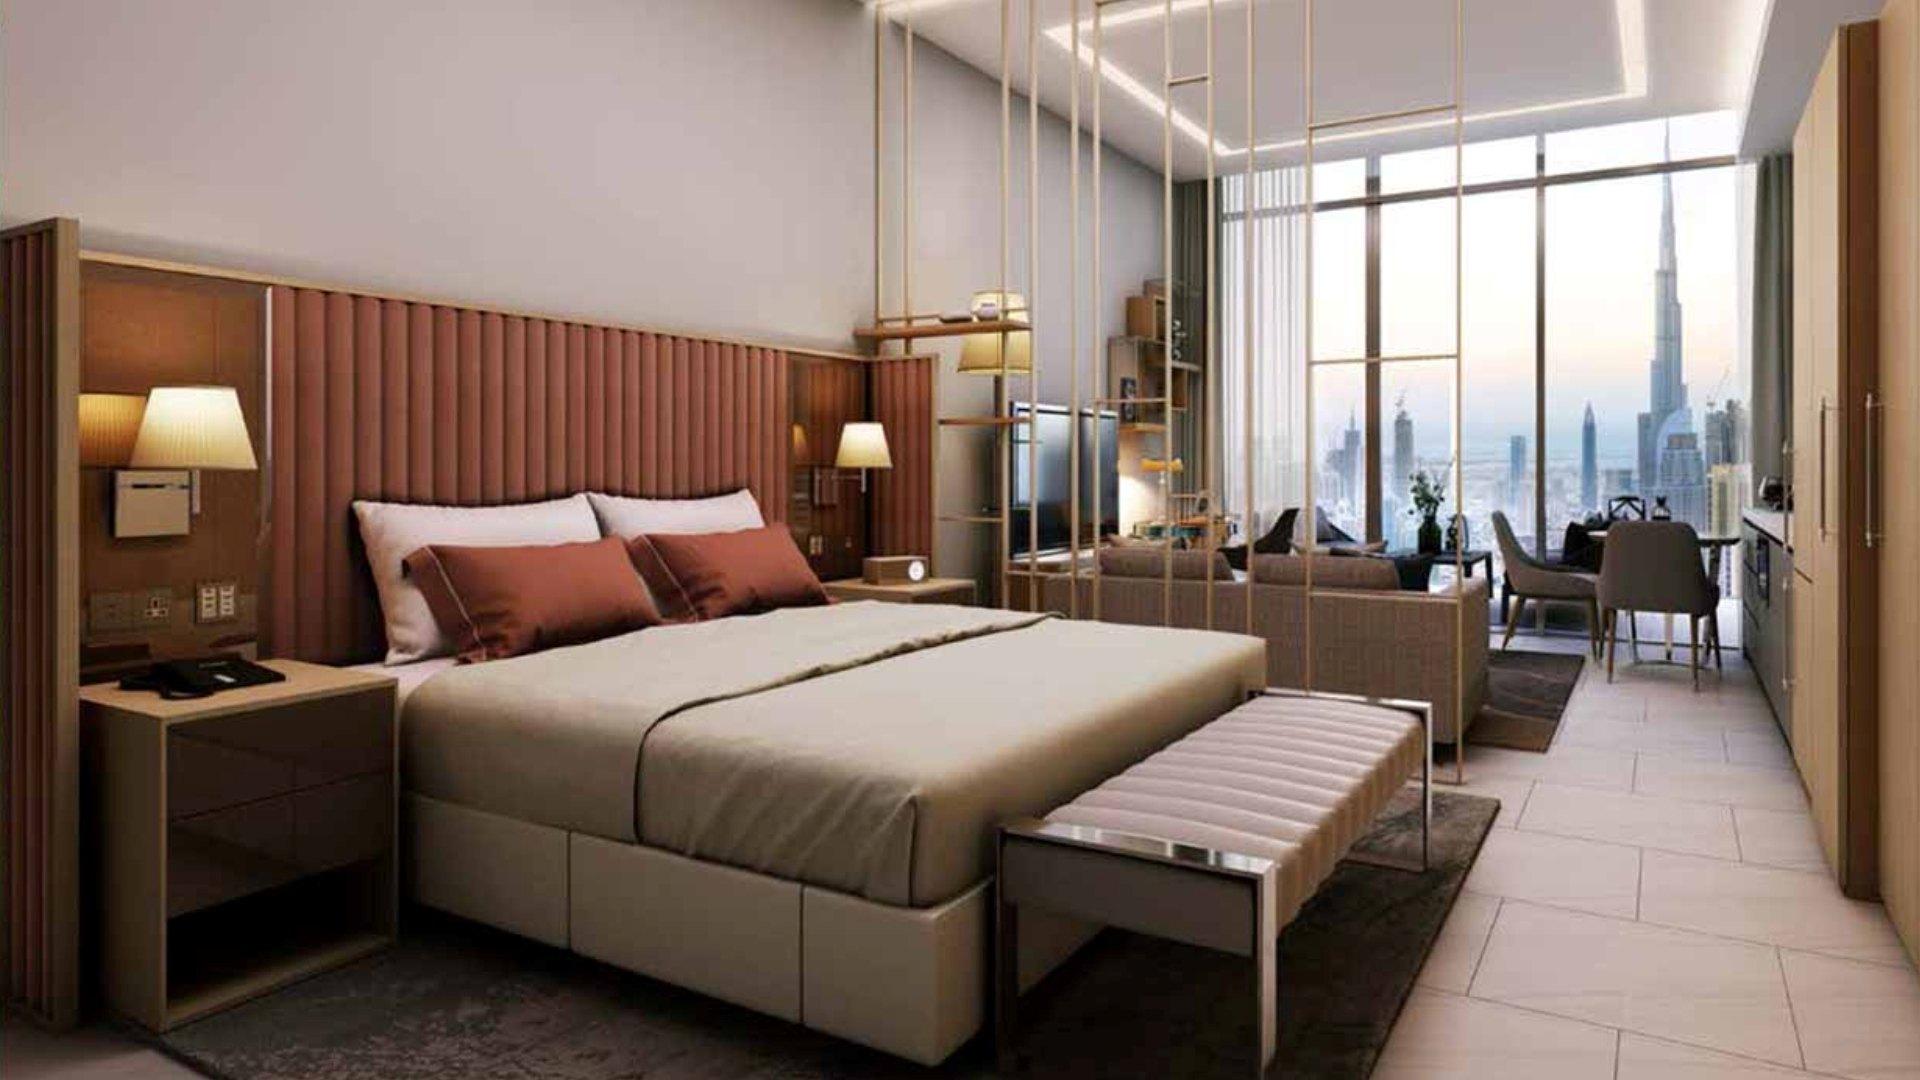 Apartamento en venta en Dubai, EAU, estudio, 62 m2, № 24347 – foto 3